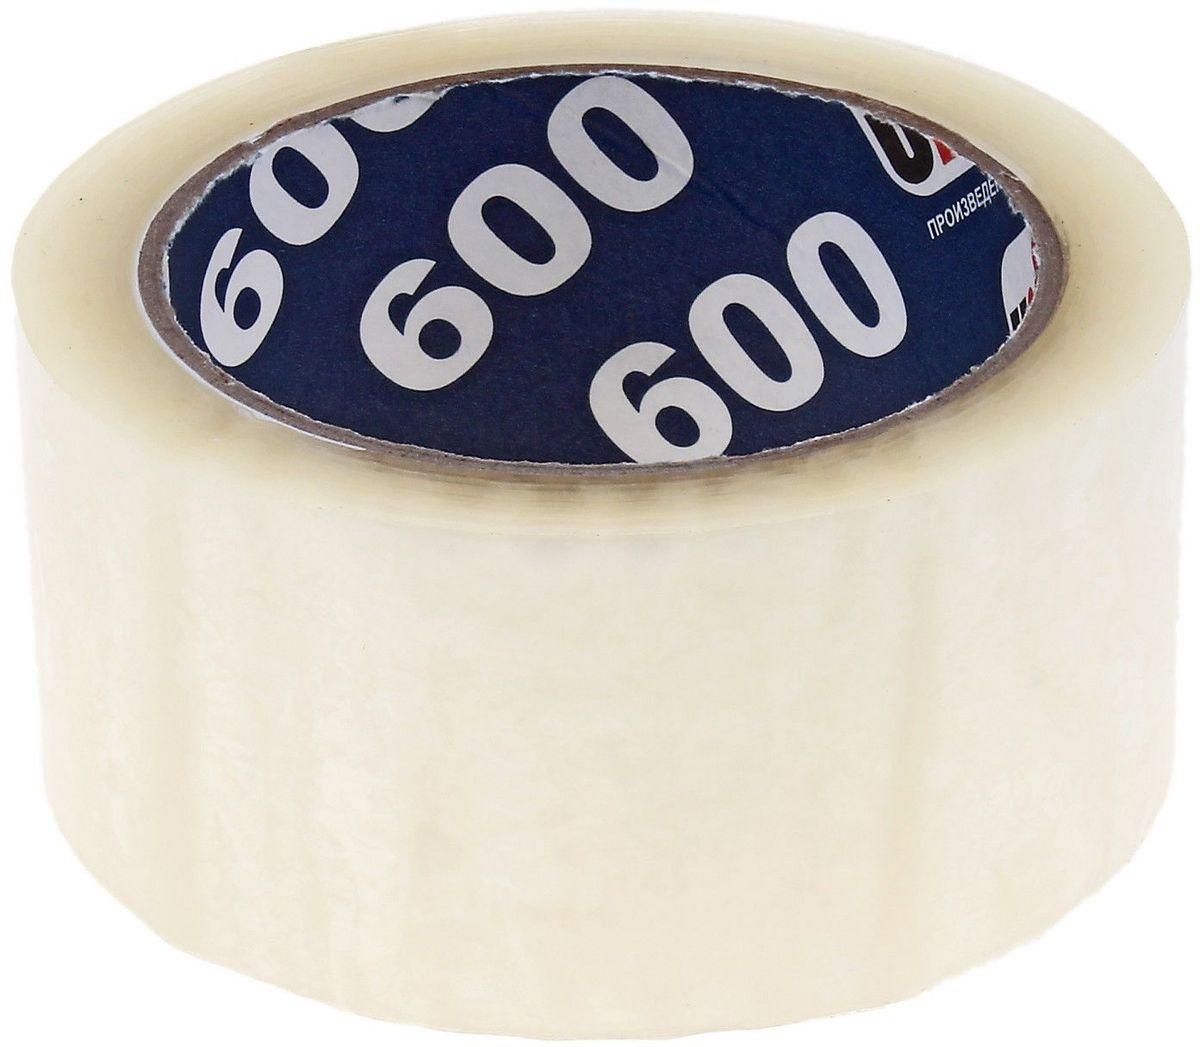 Клейкая лента 48 мм х 66 м цвет прозрачный 691932691932Клейкая лента на полипропиленовой основе это водонепроницаемое изделие, которое способно противостоять широкому диапазону температур. Применяется в быту для упаковки: легких и тяжелых коробок, изготовленных из гофрокартона, строительных смесей, масложировой продукции и мороженого, канцелярских товаров, промышленных товаров. Клейкая лента поможет скрепить предметы в любой ситуации, например, если вы делаете ремонт или меняете место жительства и пакуете коробки.